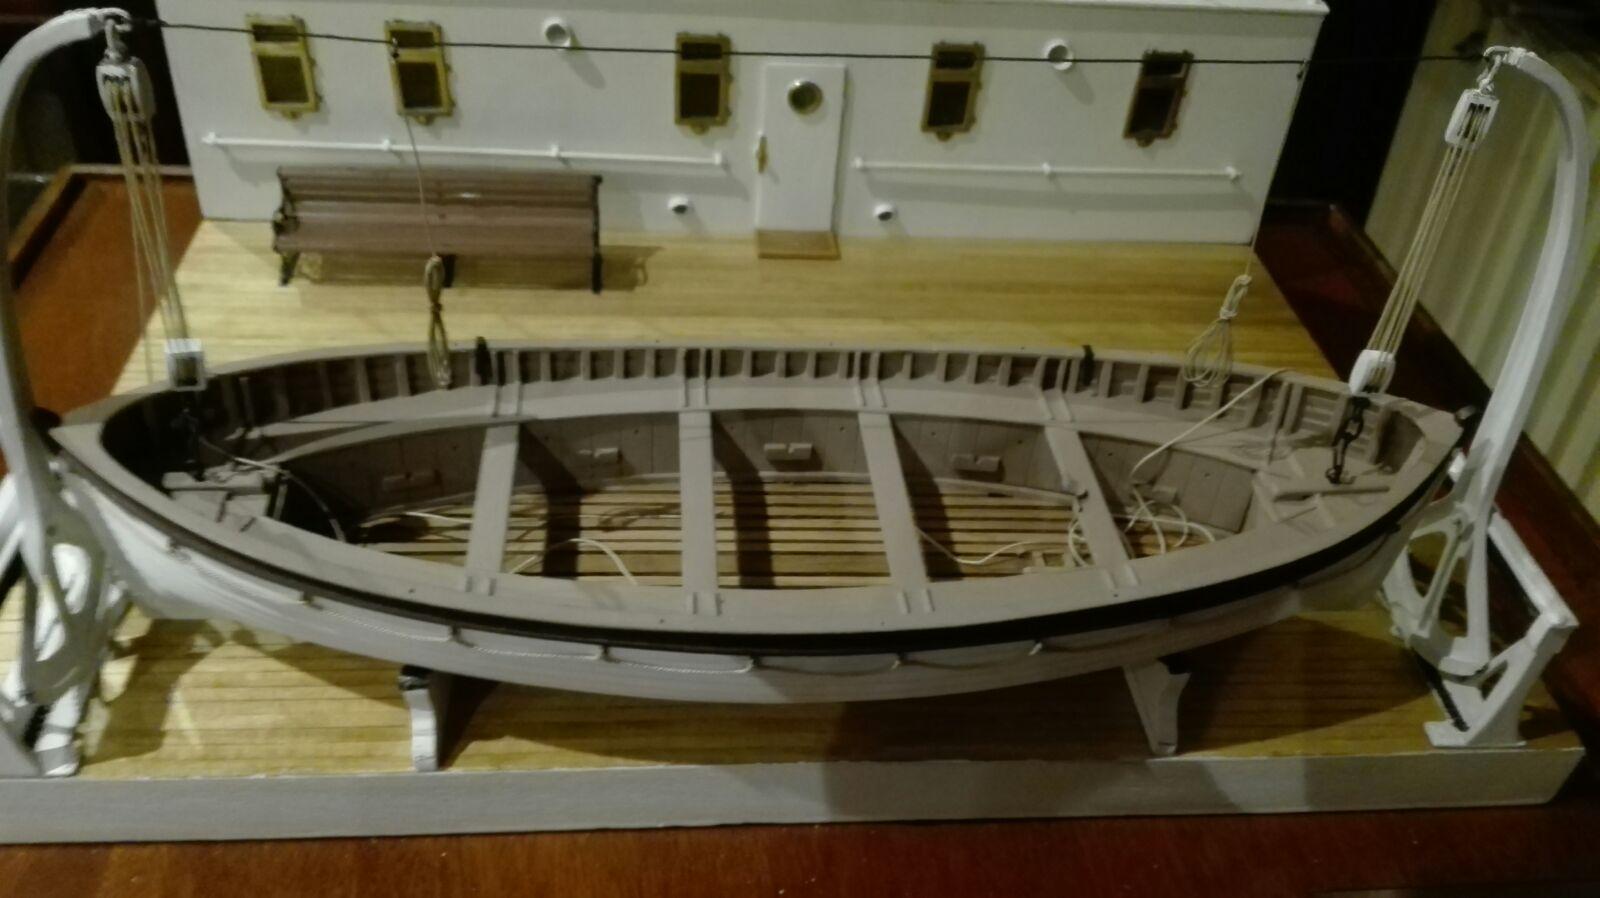 Maqueta amb la reproducció a petita escala d'un dels bots salvavides del Titànic.